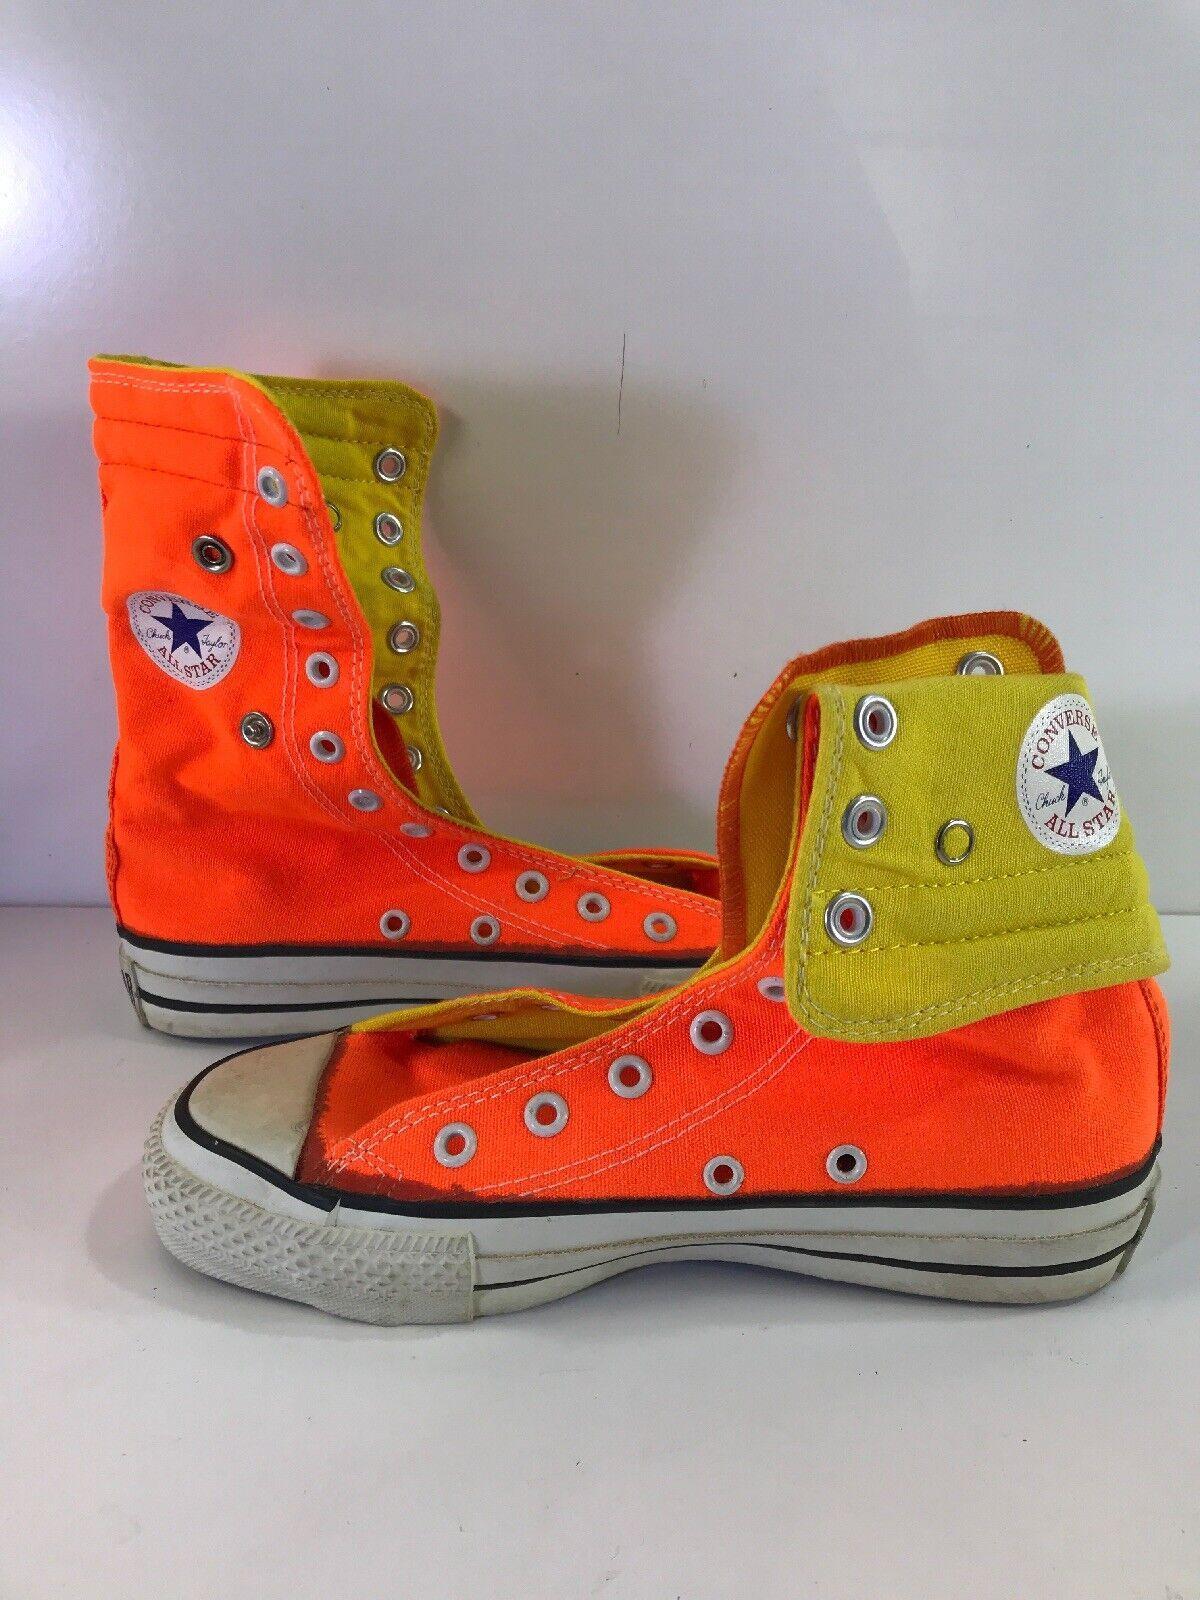 marchi di moda Vintage Vintage Vintage Converse All Star Chuck Taylor High Tops arancia Dimensione 3 Made In USA  prezzo ragionevole